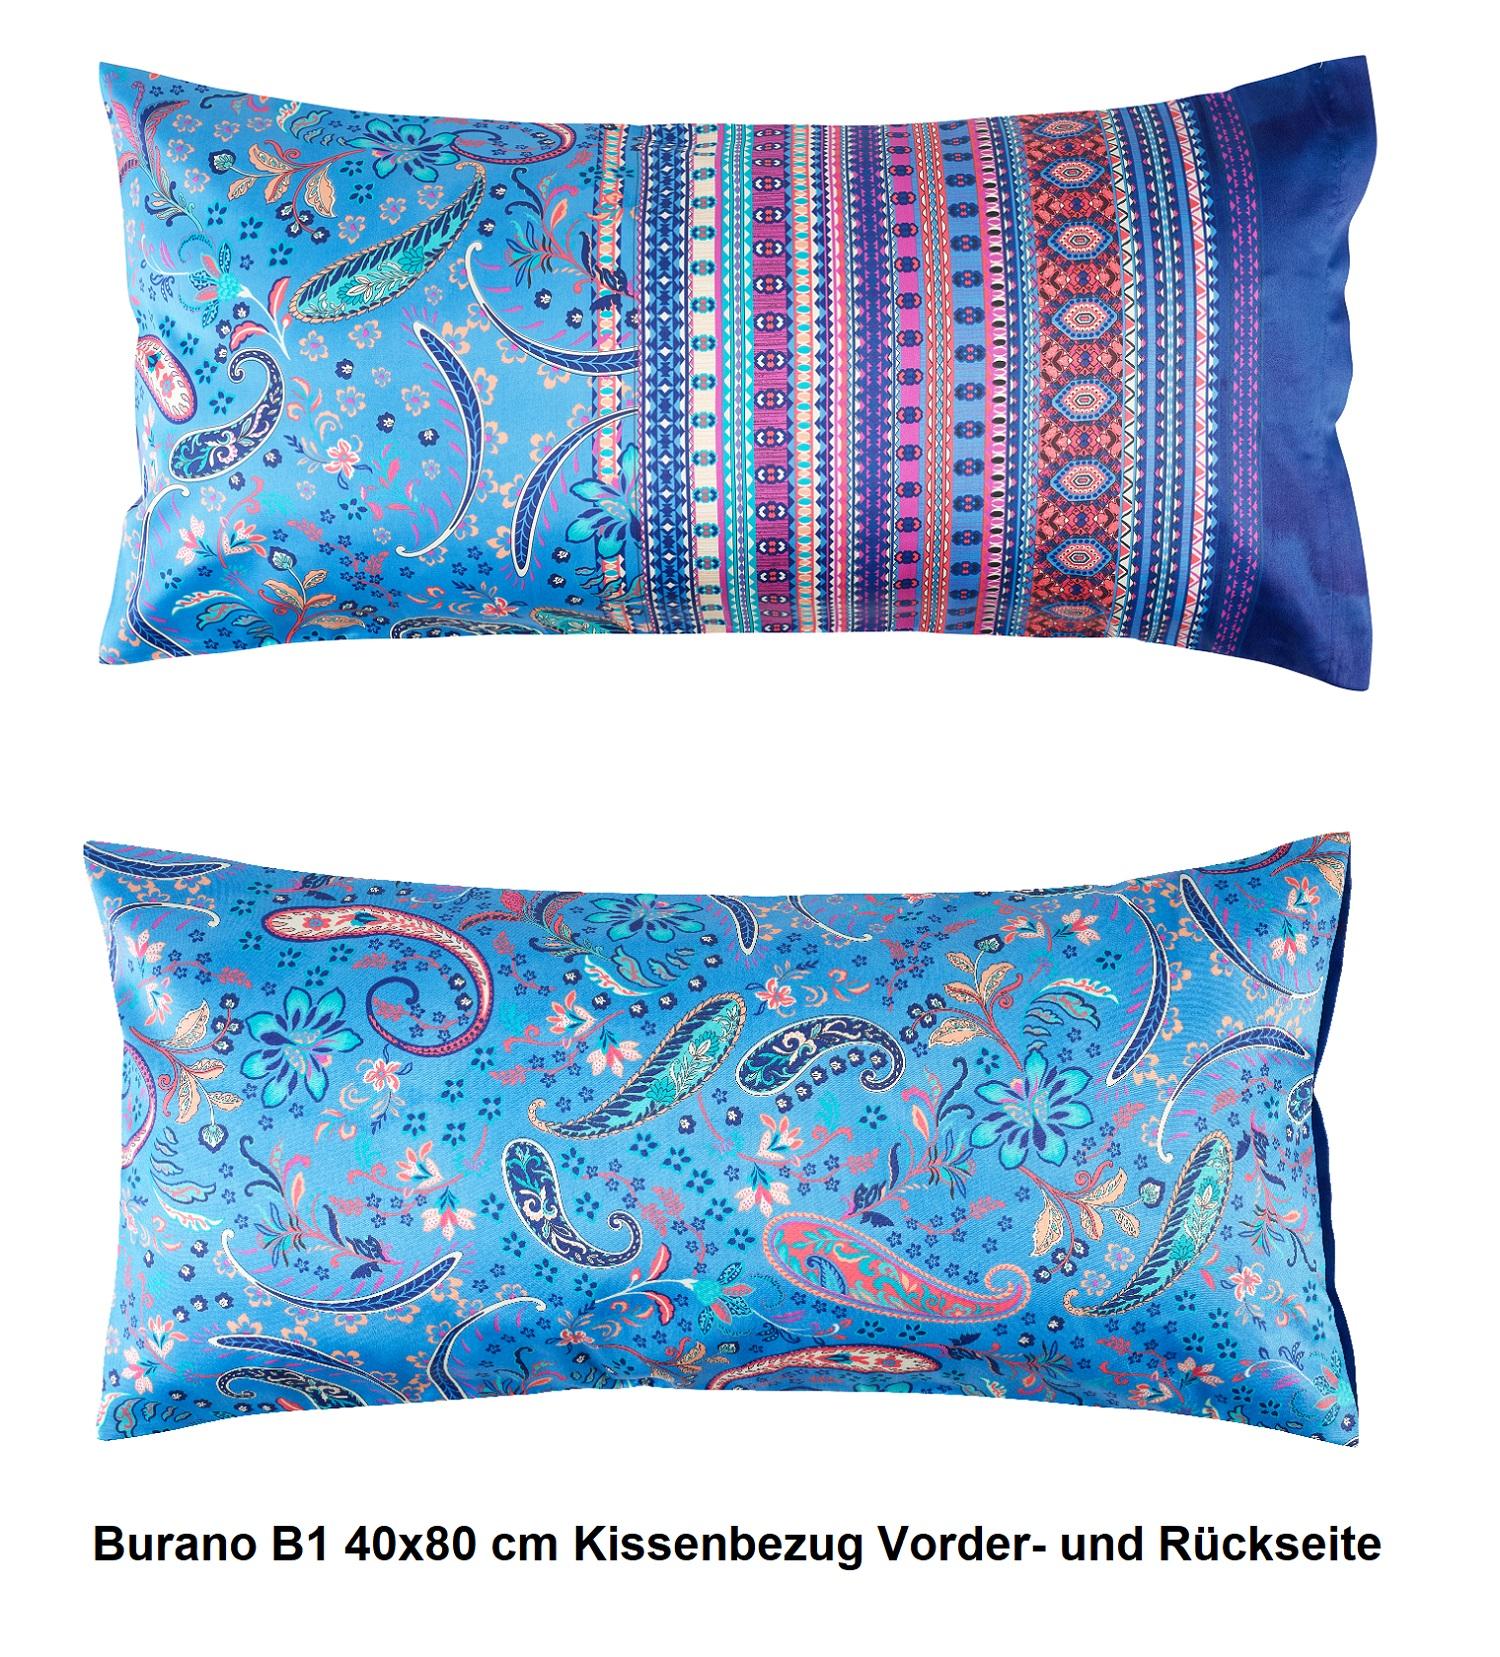 bassetti Granfoulard 1x Kopfkissenbezug Burano B1 Blau 40x80 cm neue Farbe